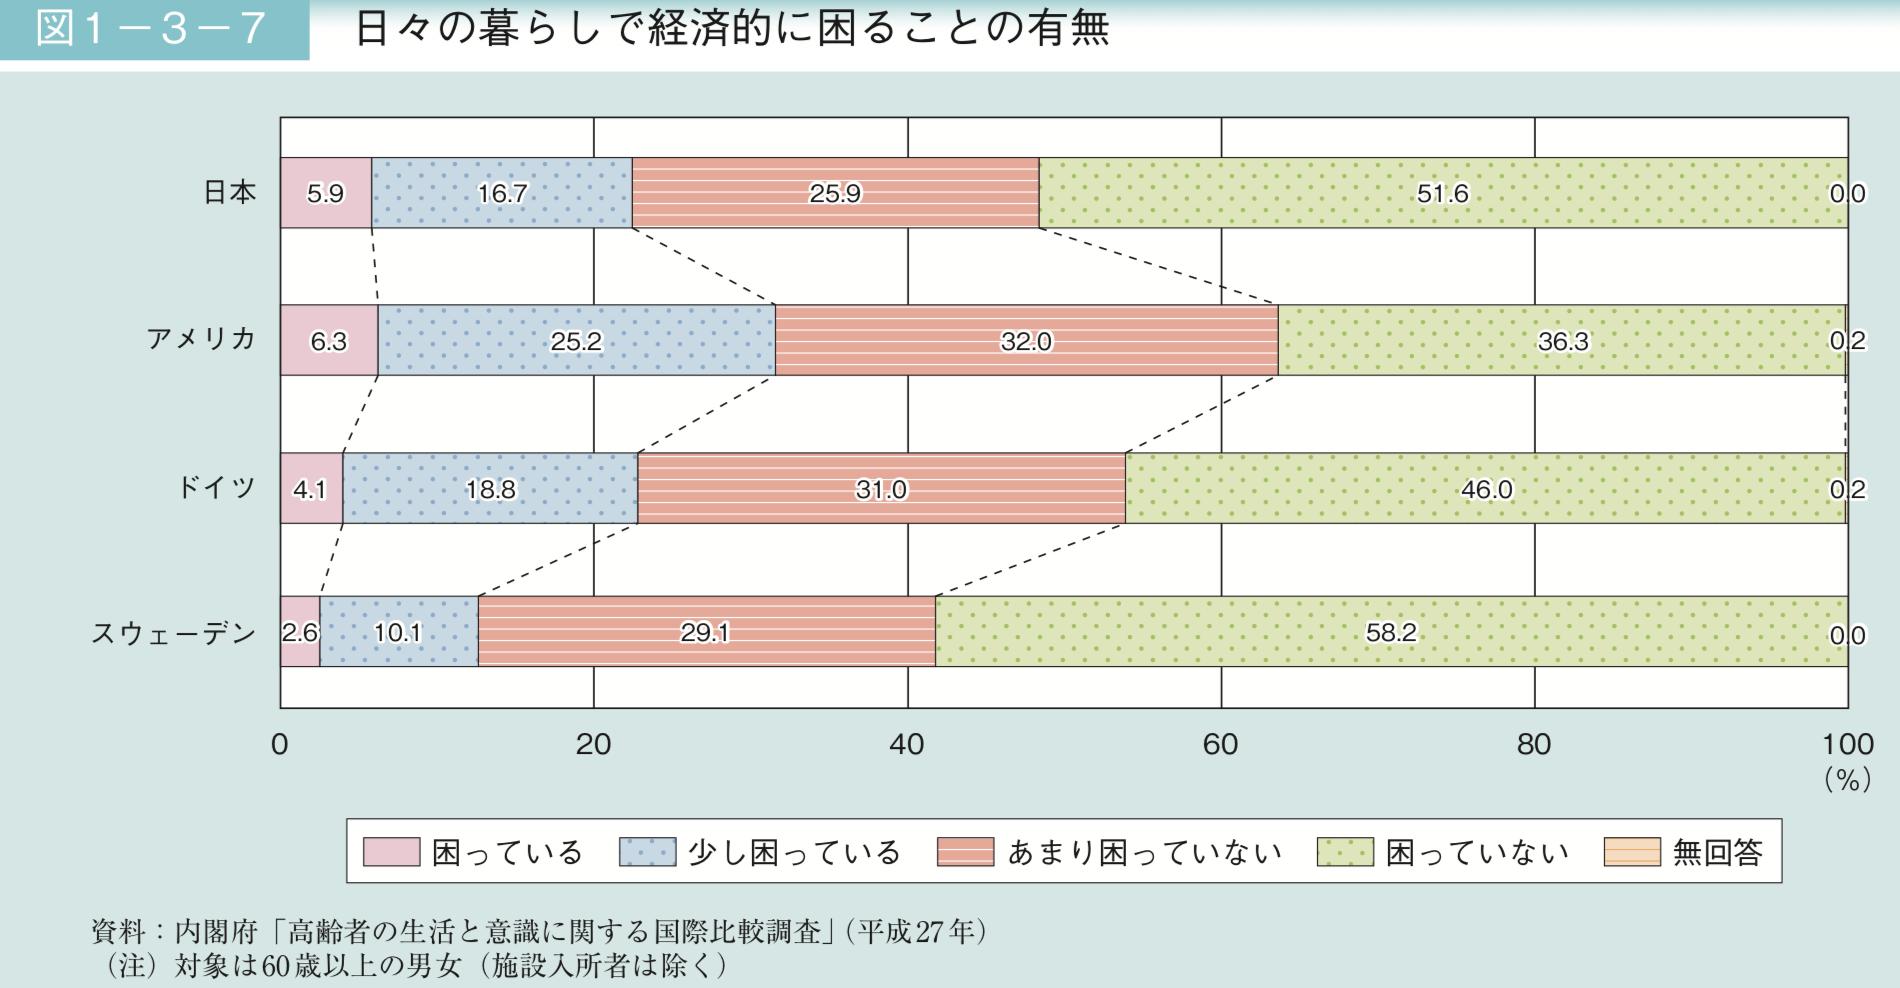 日本で老後生活で経済的に困る人の割合